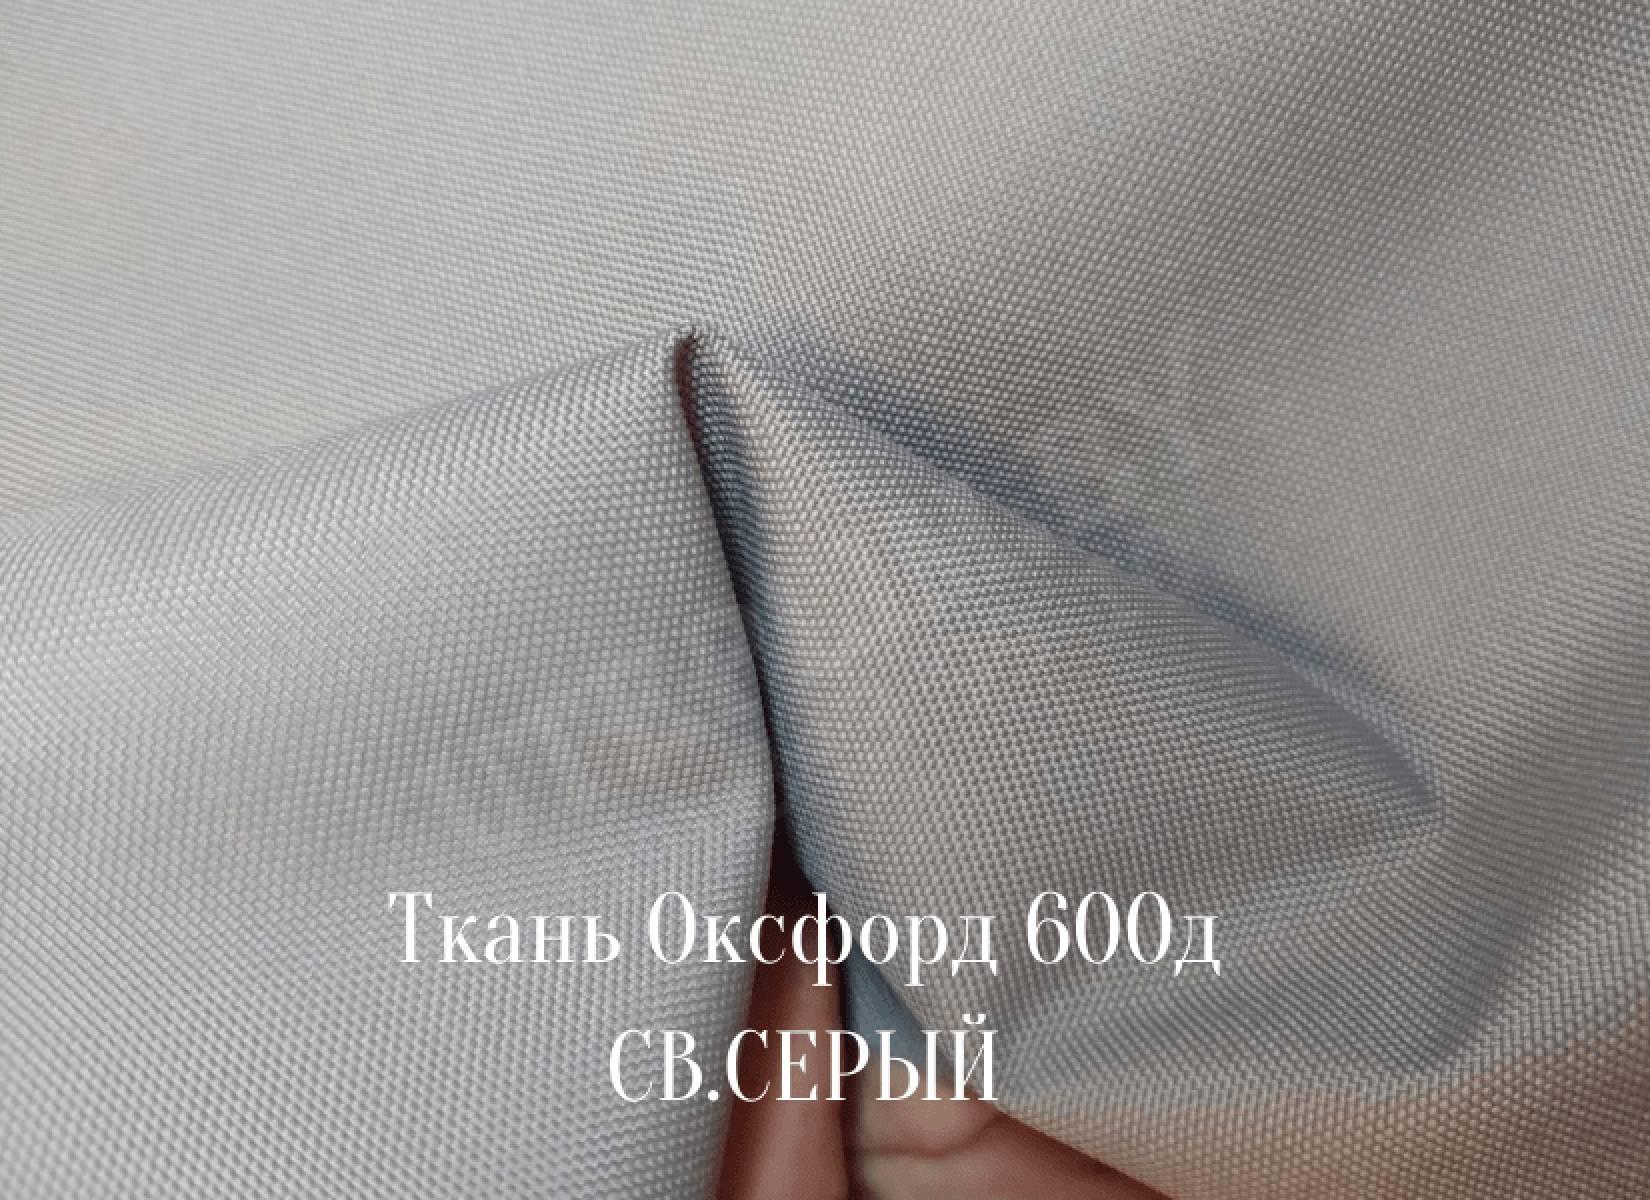 600д - св.серый